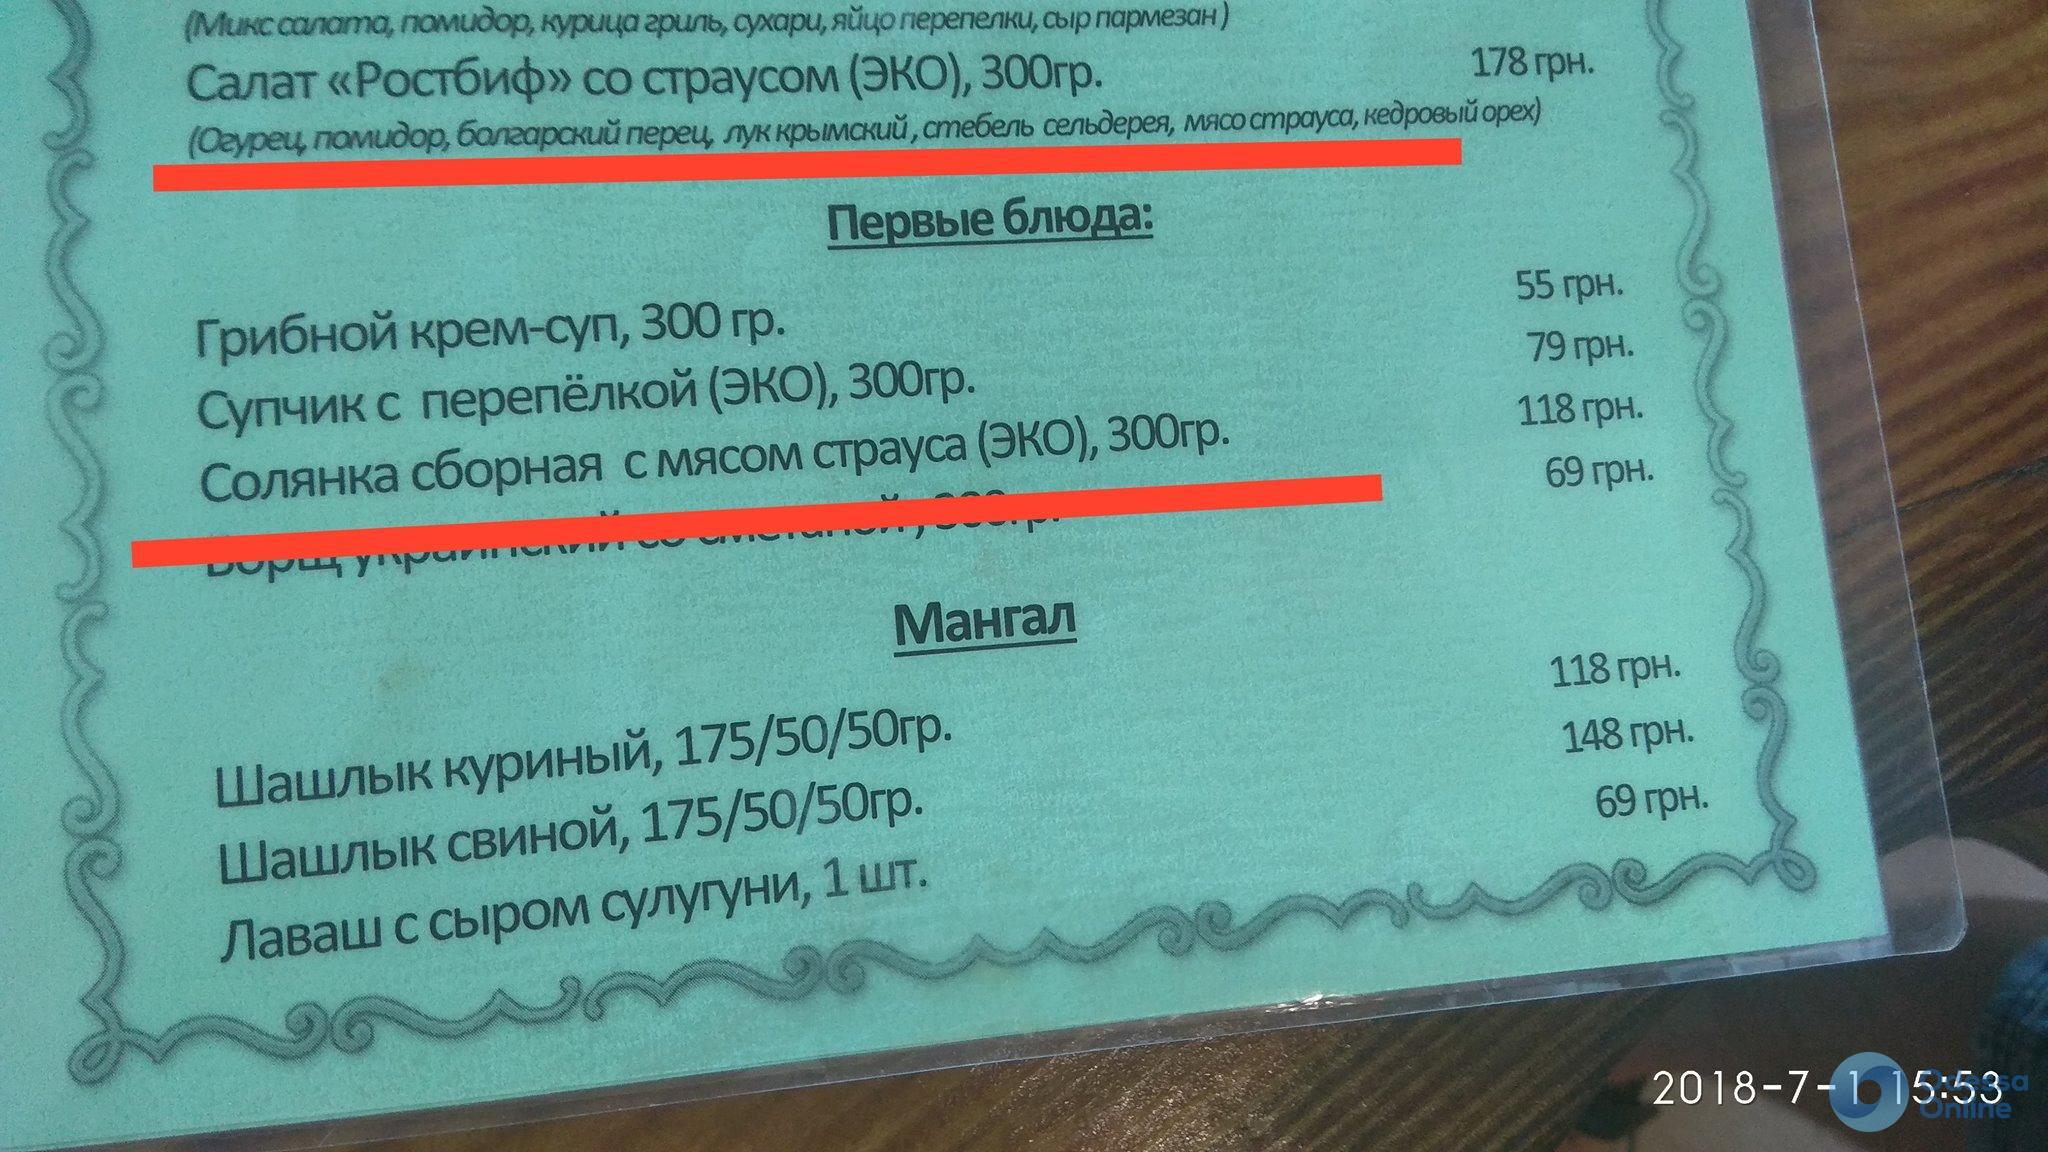 Страус в клетке, страус на тарелке: в этнопарке под Одессой кормят своими же питомцами